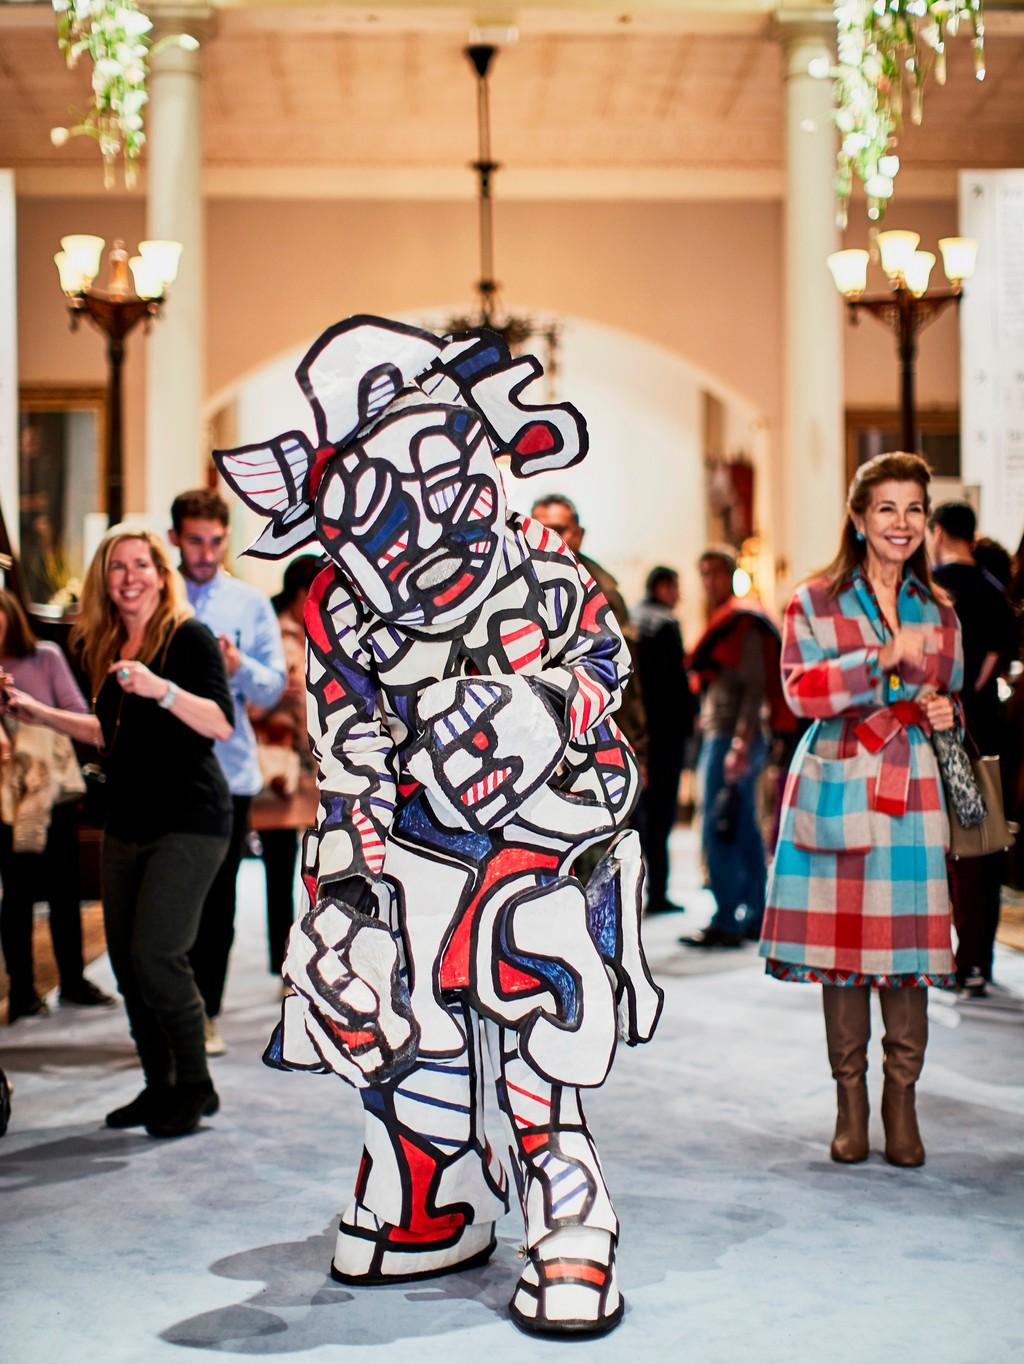 modern art fair event